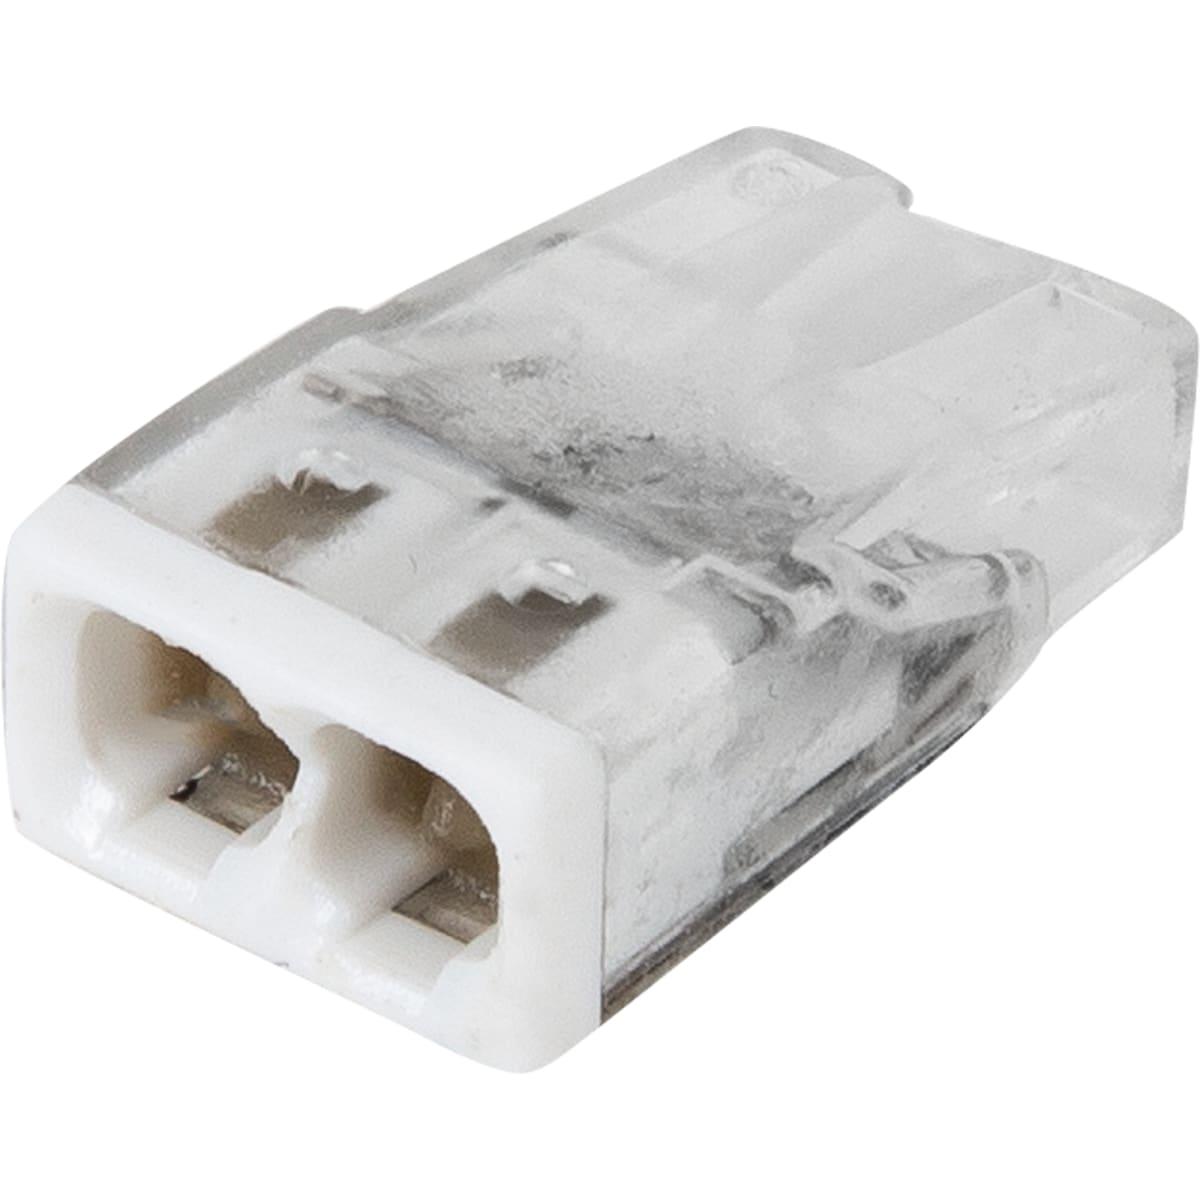 Клемма Wago 2 разъема под провода с пастой, 10х5.8х16.7 мм, поликарбонат, 6 шт.